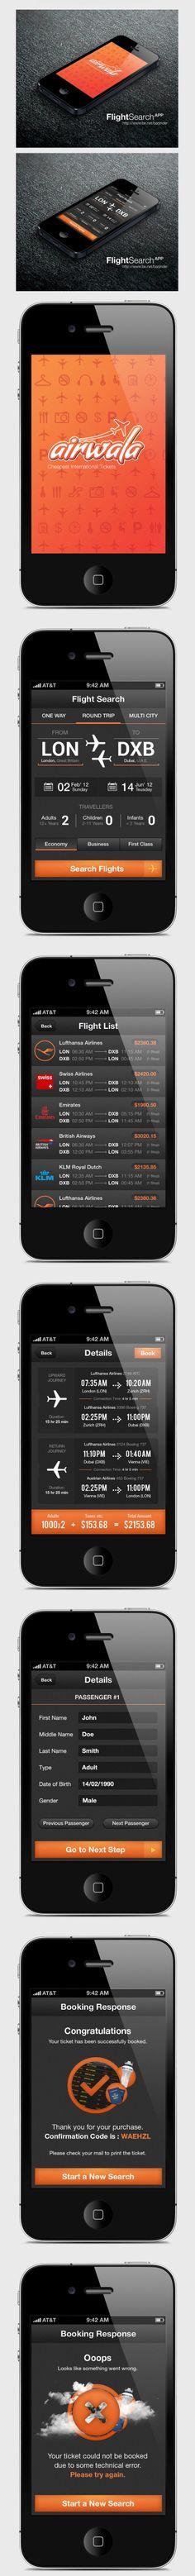 Daily Mobile UI Design Inspiration #24